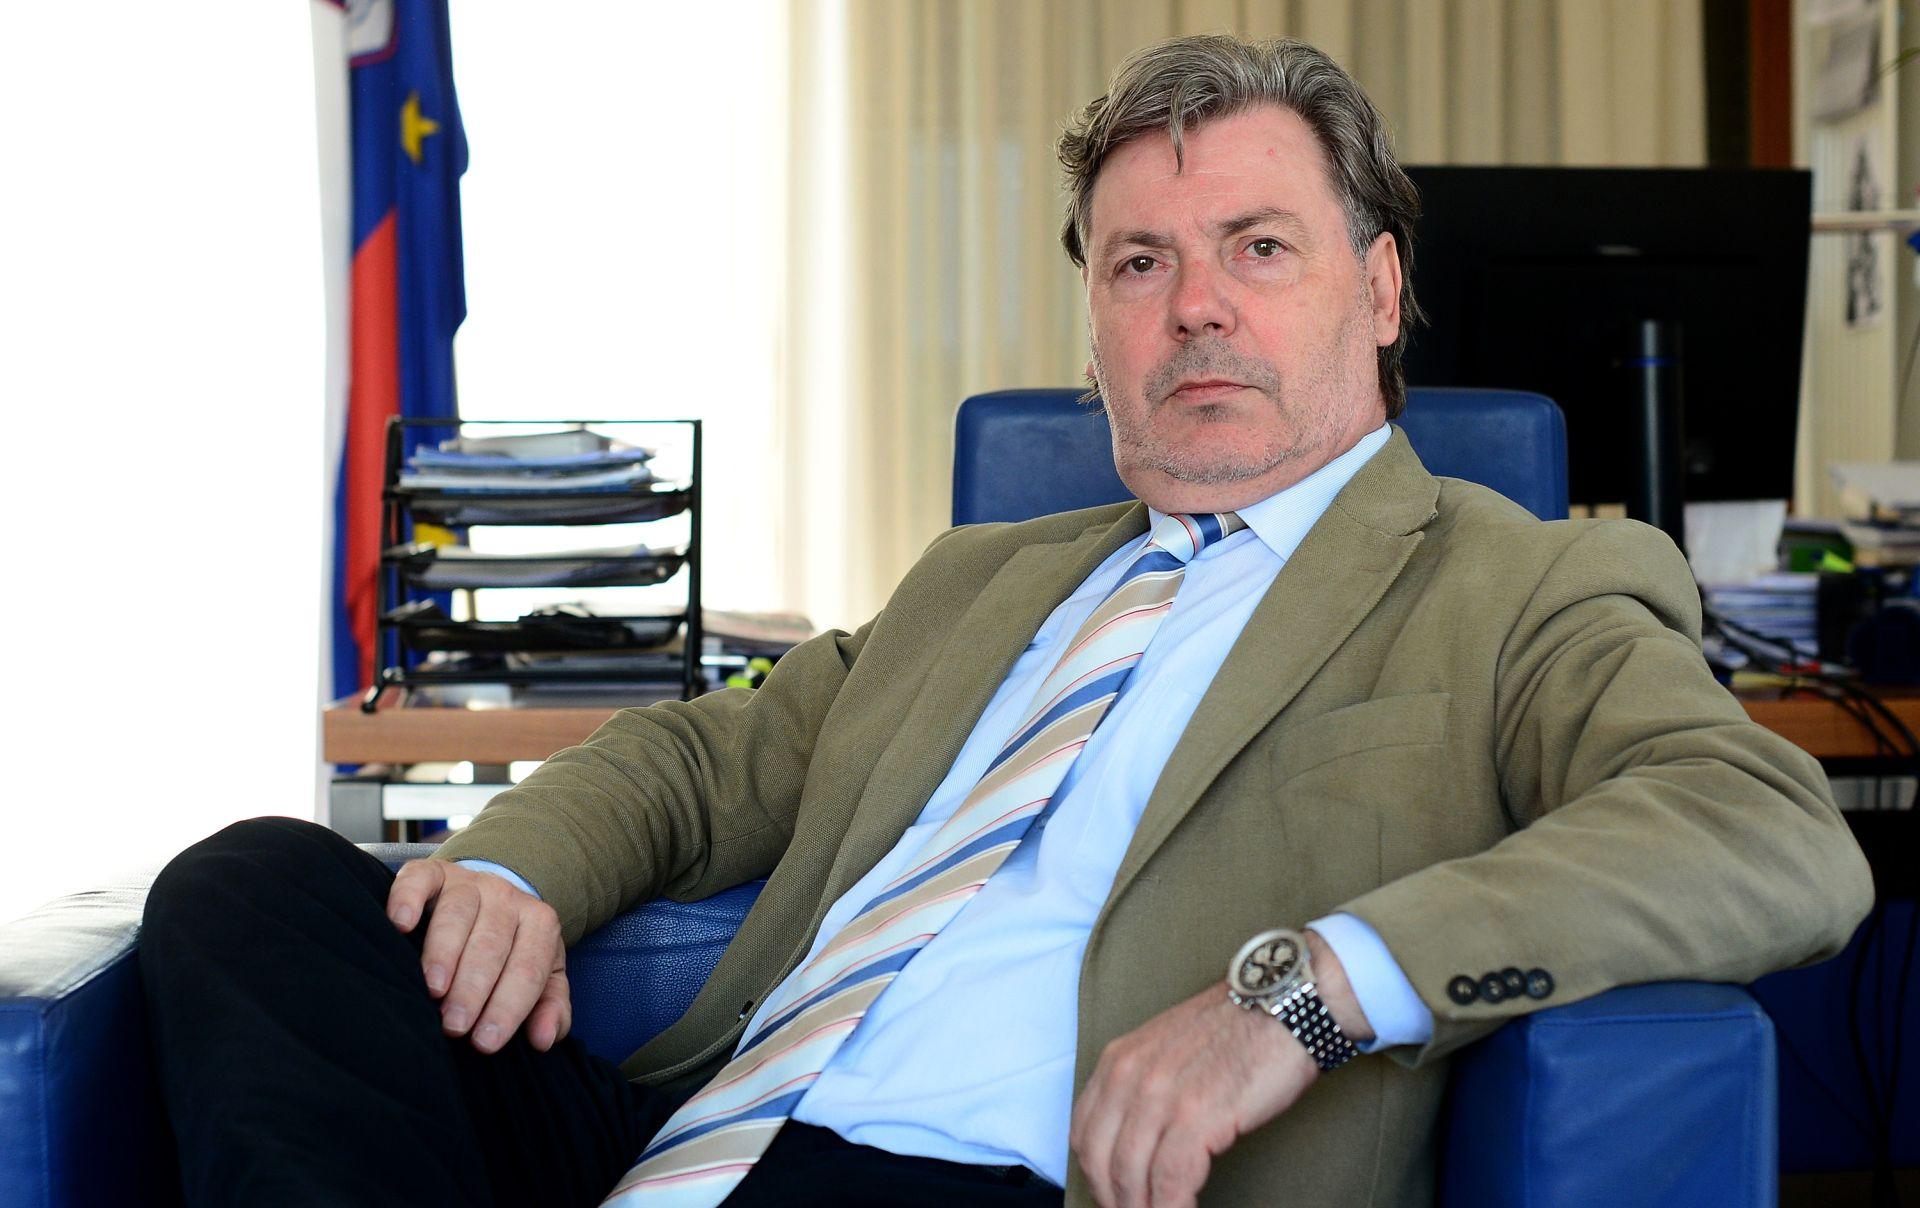 Slovenski mediji i analitičari: Hrvatska treba stabilnu vladu i zbog odnosa sa Slovenijom